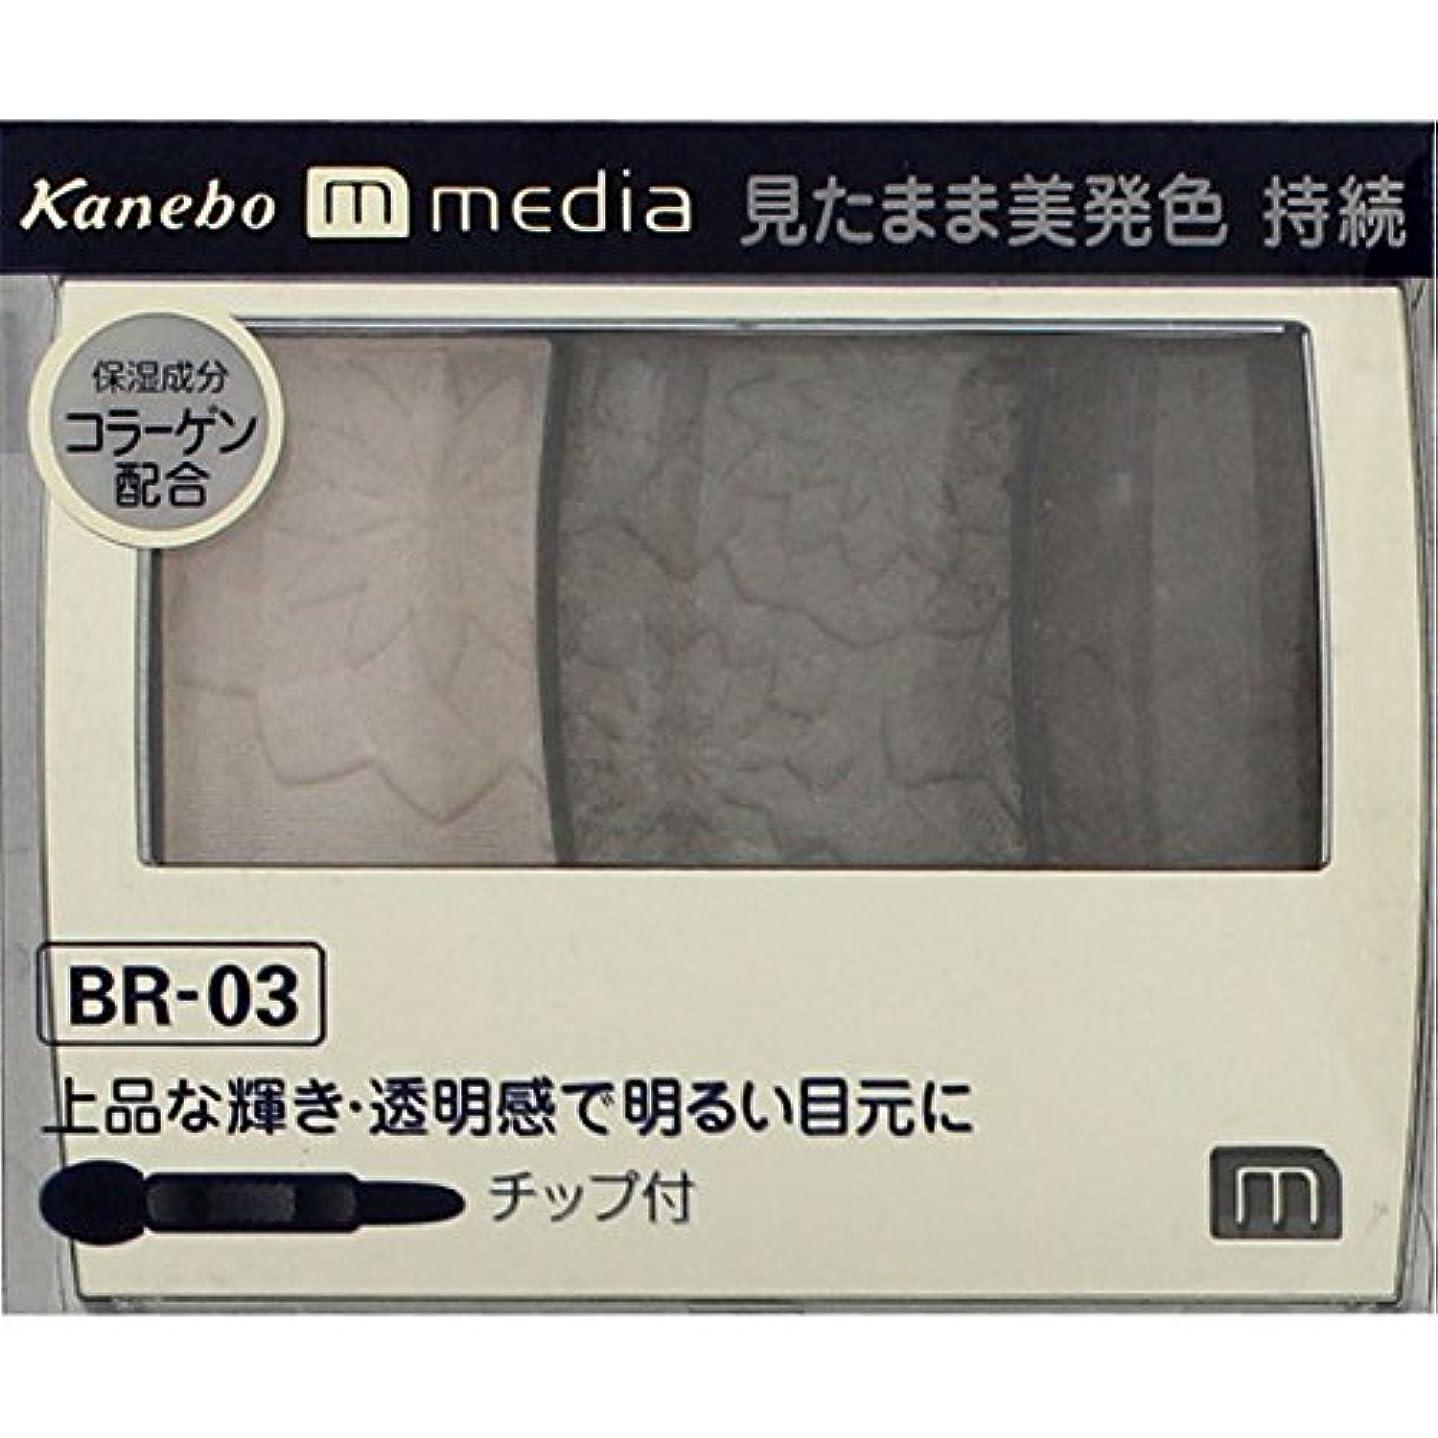 抵抗するキャメルブル【カネボウ】 メディア グラデカラーアイシャドウ BR-03